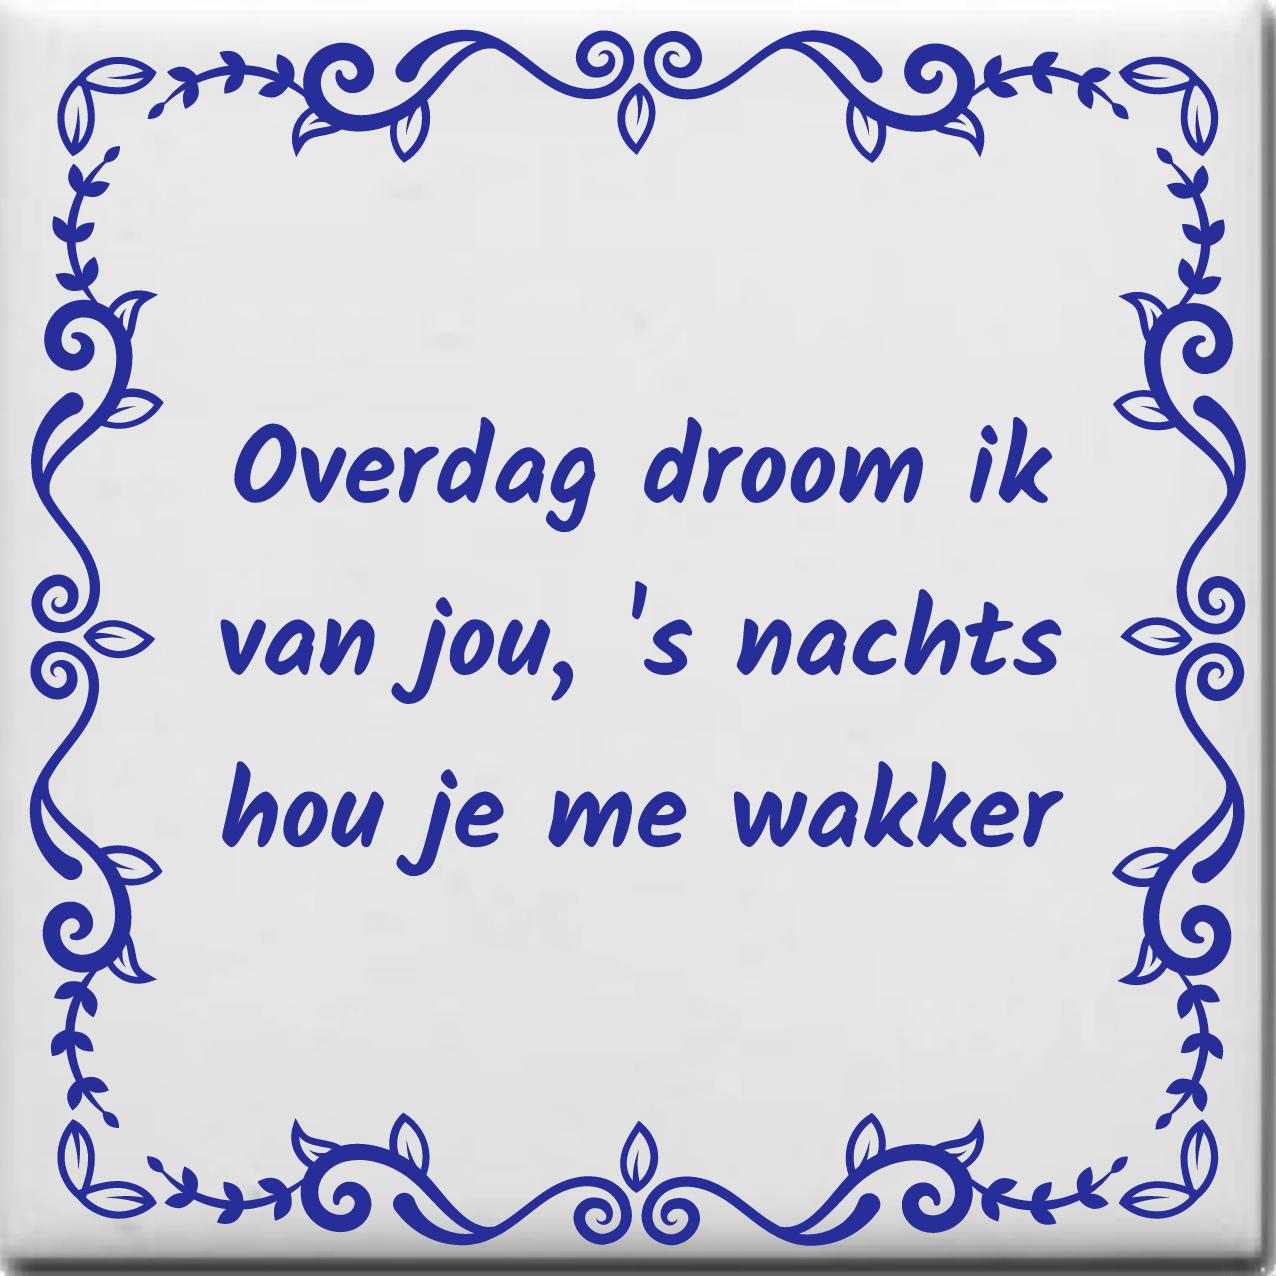 Wijsheden Tegeltje Met Spreuk Over Liefde Overdag Droom Ik Van Jou S Nachts Hou Je Me Wakker